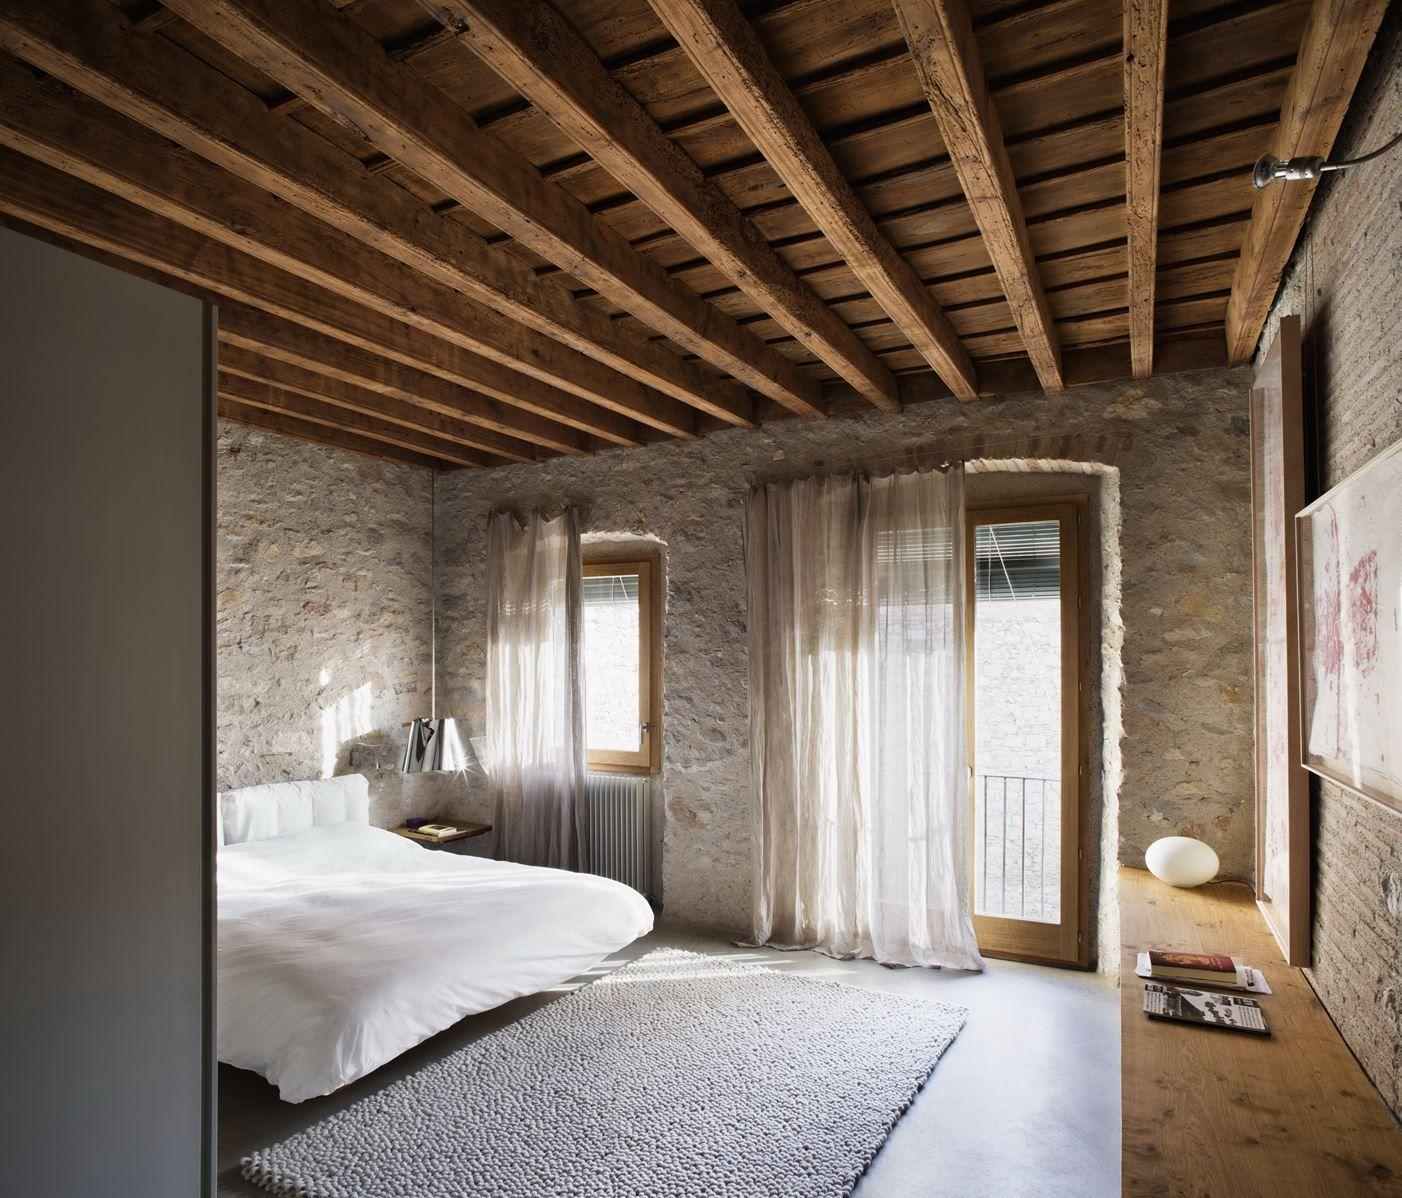 Techo De Madera Y Vigas En Dormitorio R Stico Con Paredes De  ~ Cortinas Para Ventanas De Tejado